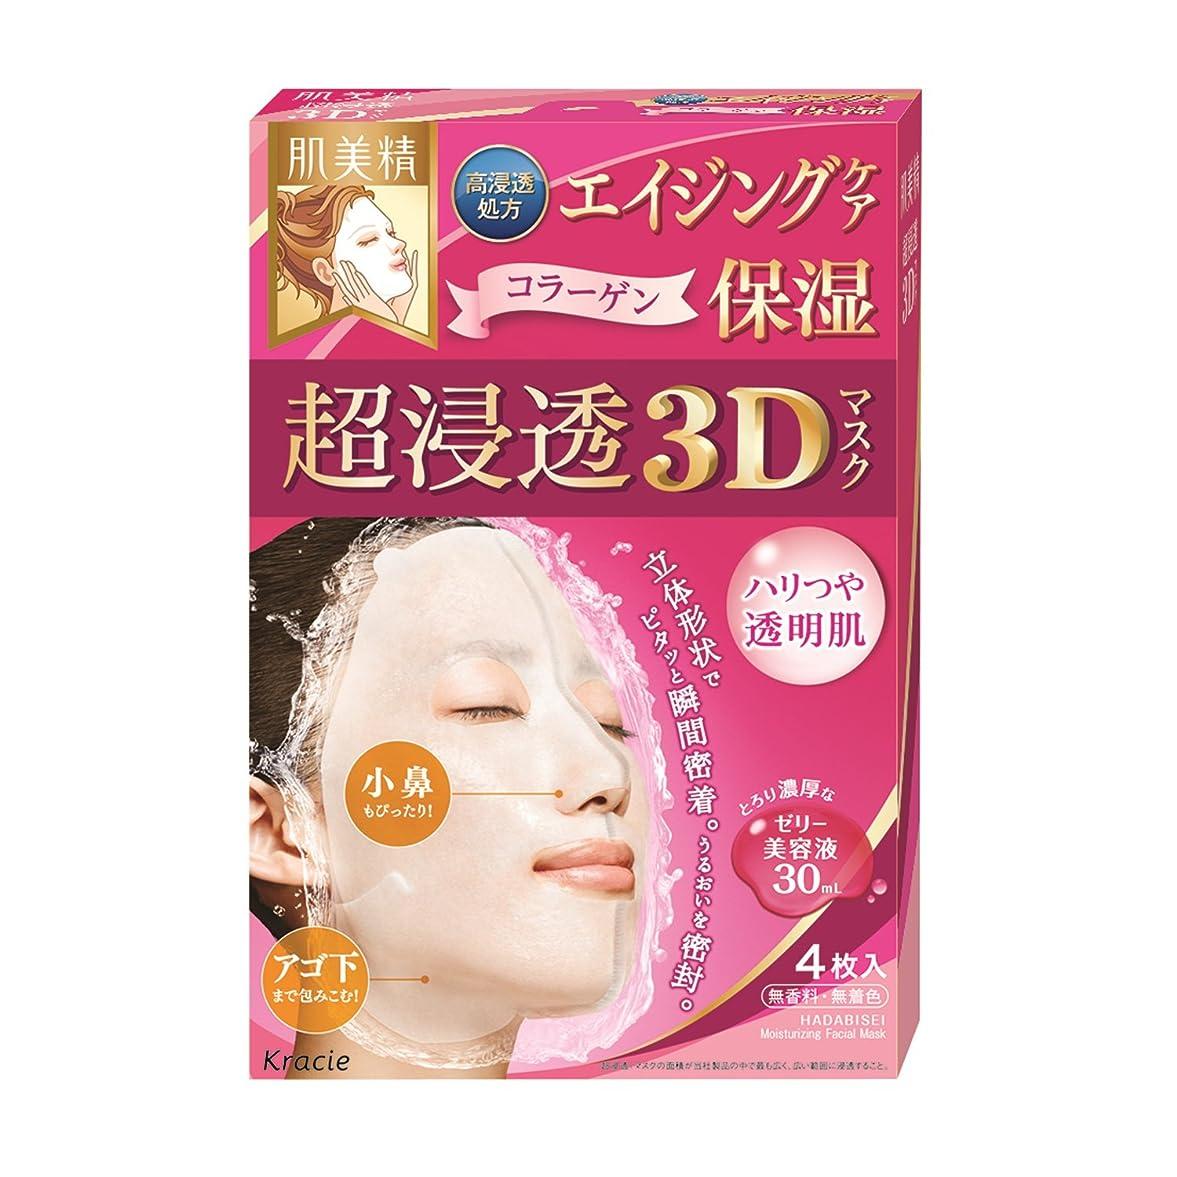 のスコア不器用聡明肌美精 超浸透3Dマスク (エイジング保湿) 4枚